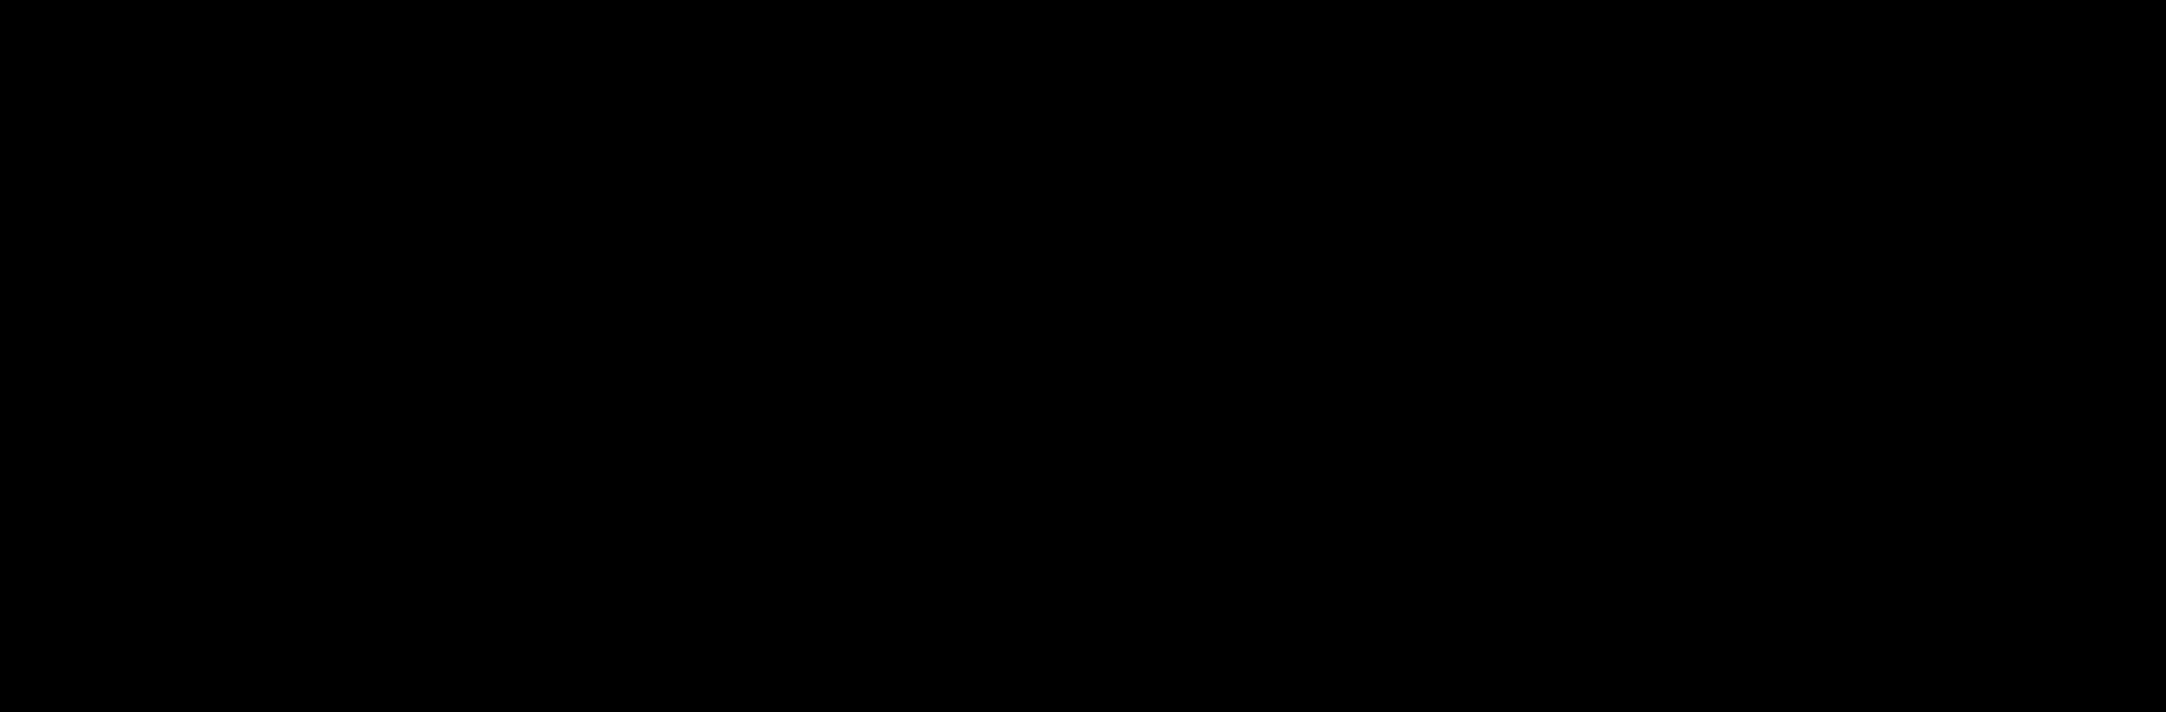 6-O-Dansyl-N-acetylglucosamine